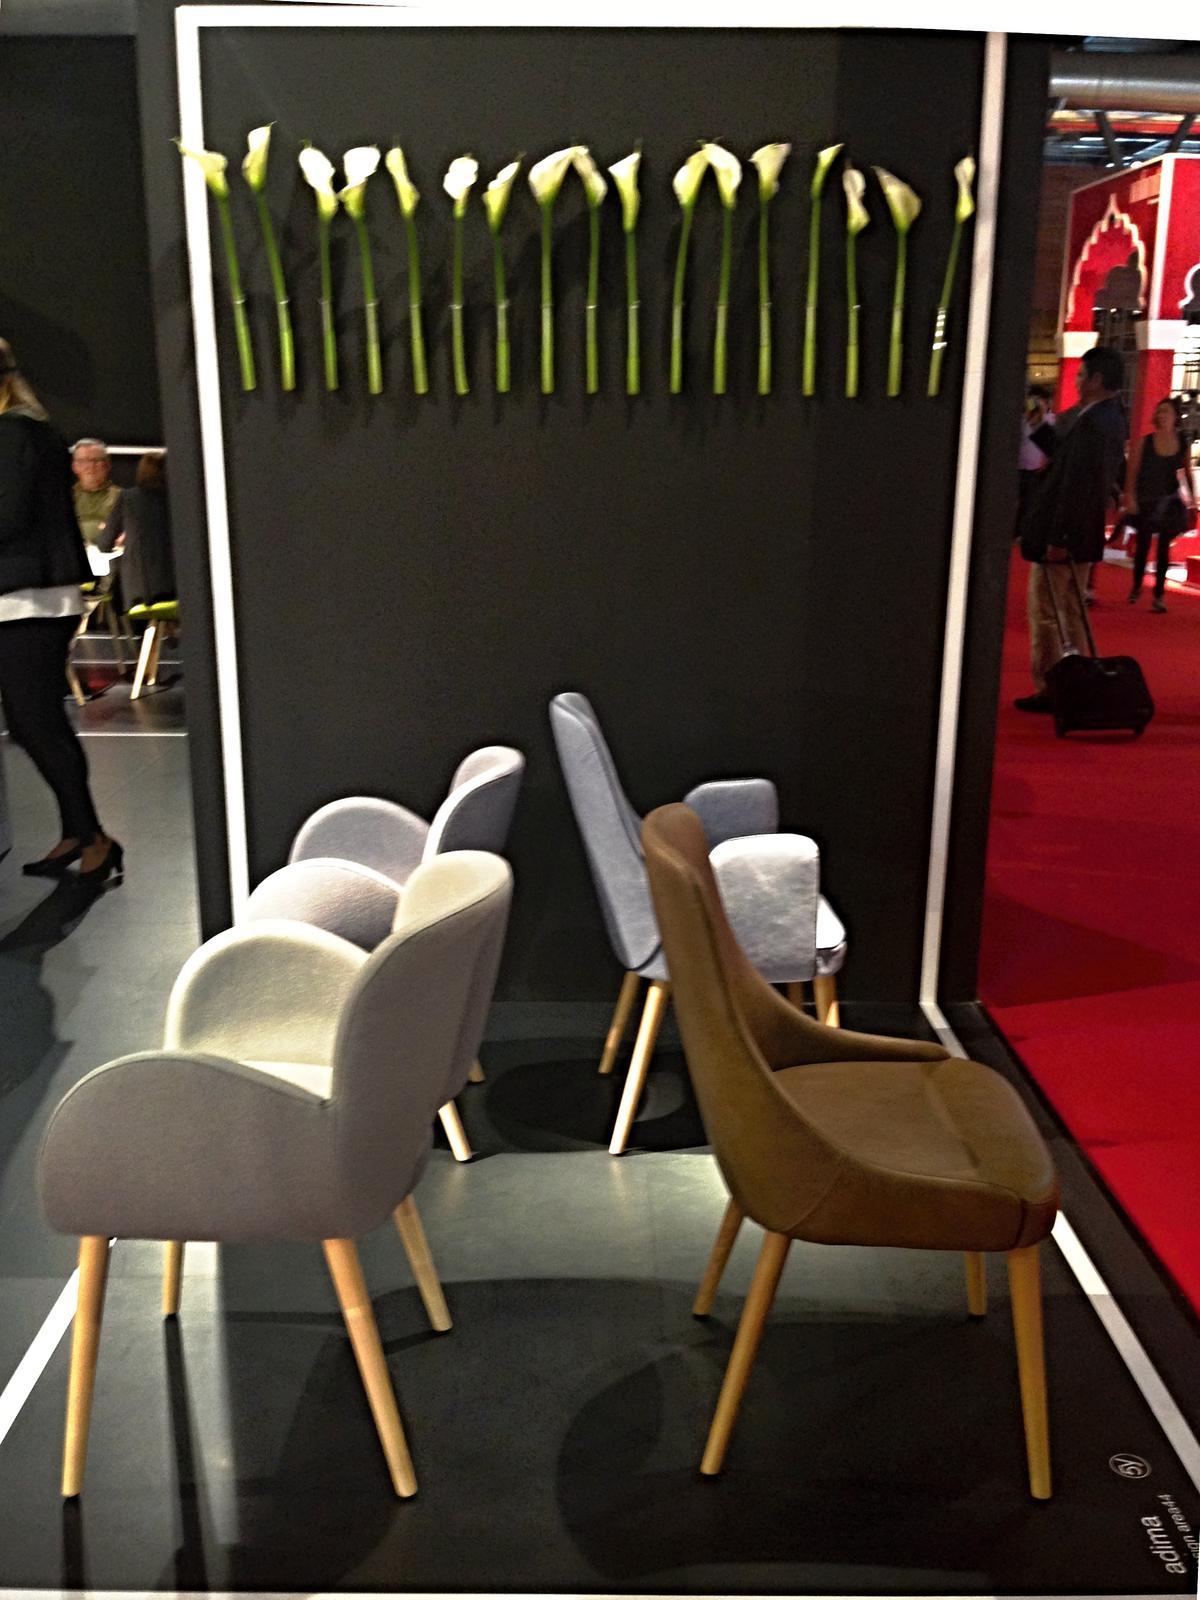 Milano - Salone del Mobile 2015 - Obrázek č. 16